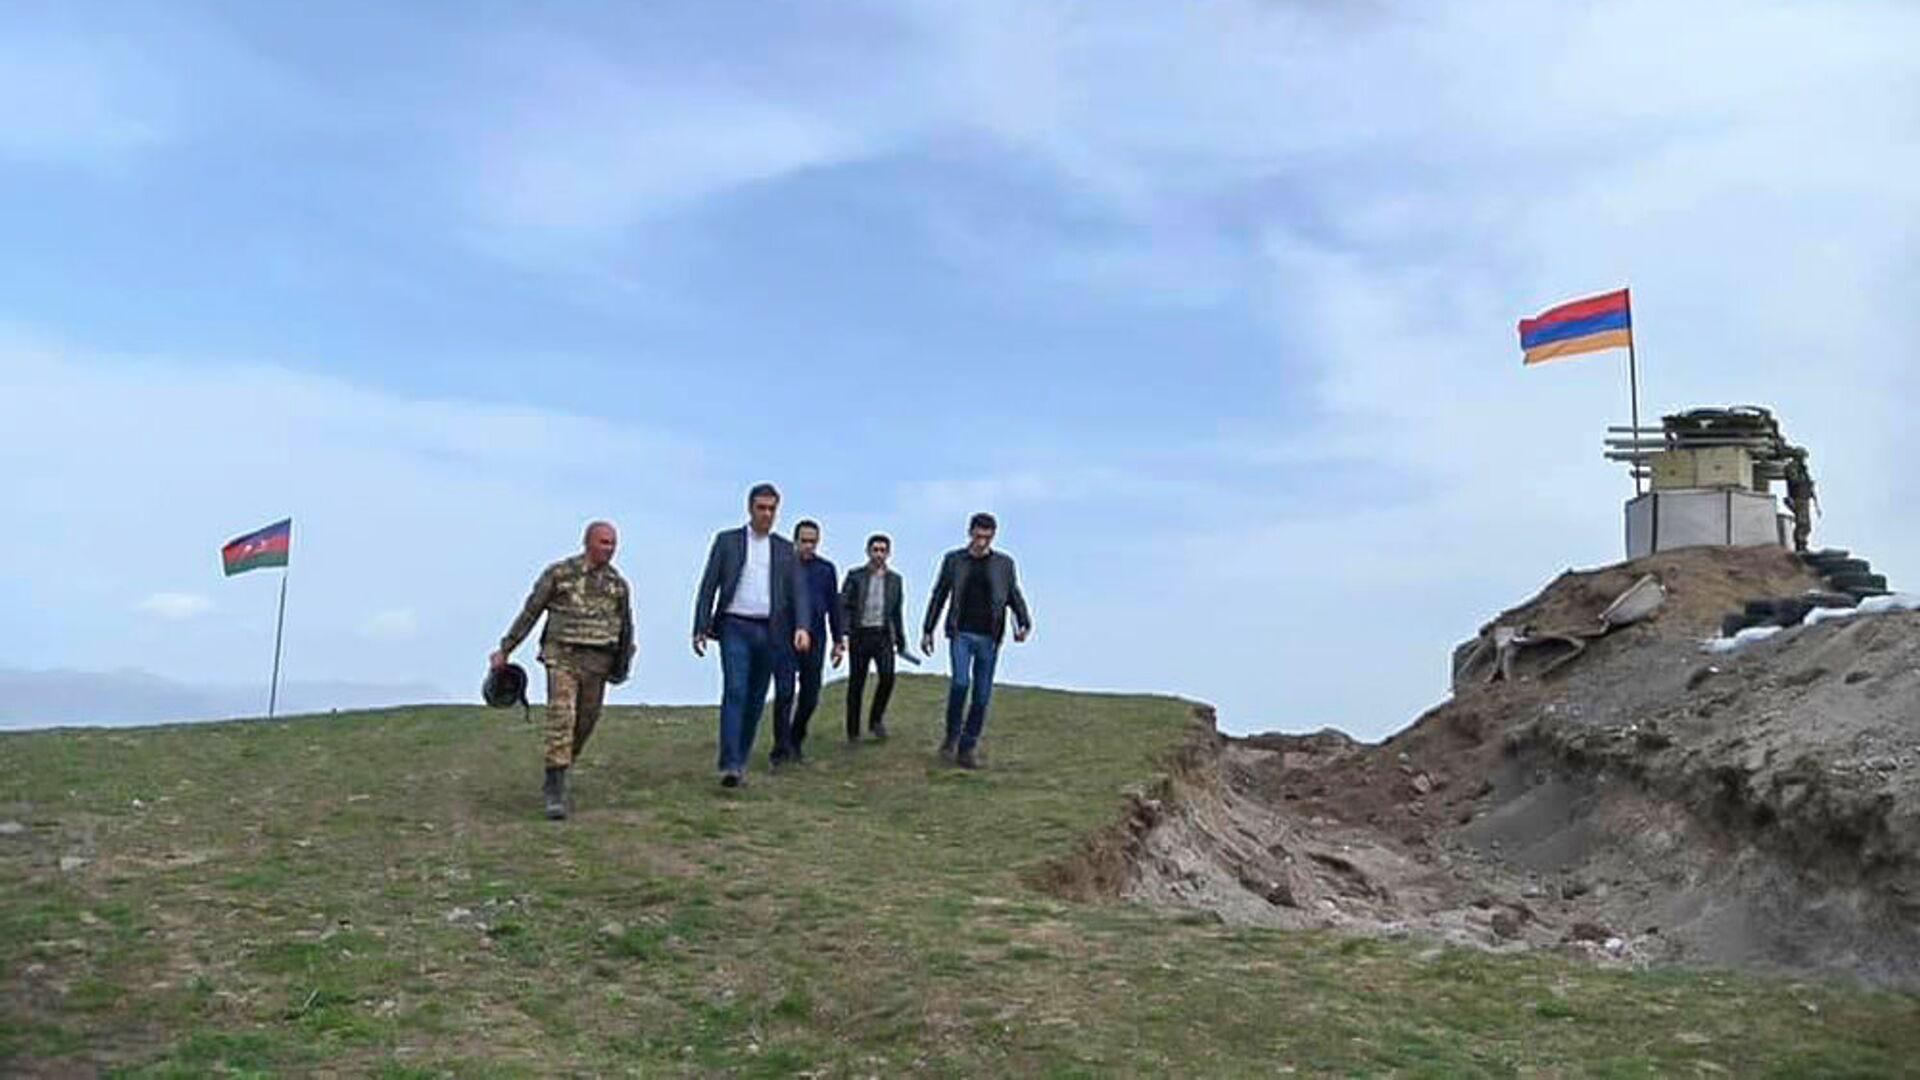 Омбудсмен Арман Татоян на армяно-азербайджанской границе во время рабочей поездки с президентом в Сюникскую область (19 апреля 2021). Сюник - Sputnik Արմենիա, 1920, 16.09.2021